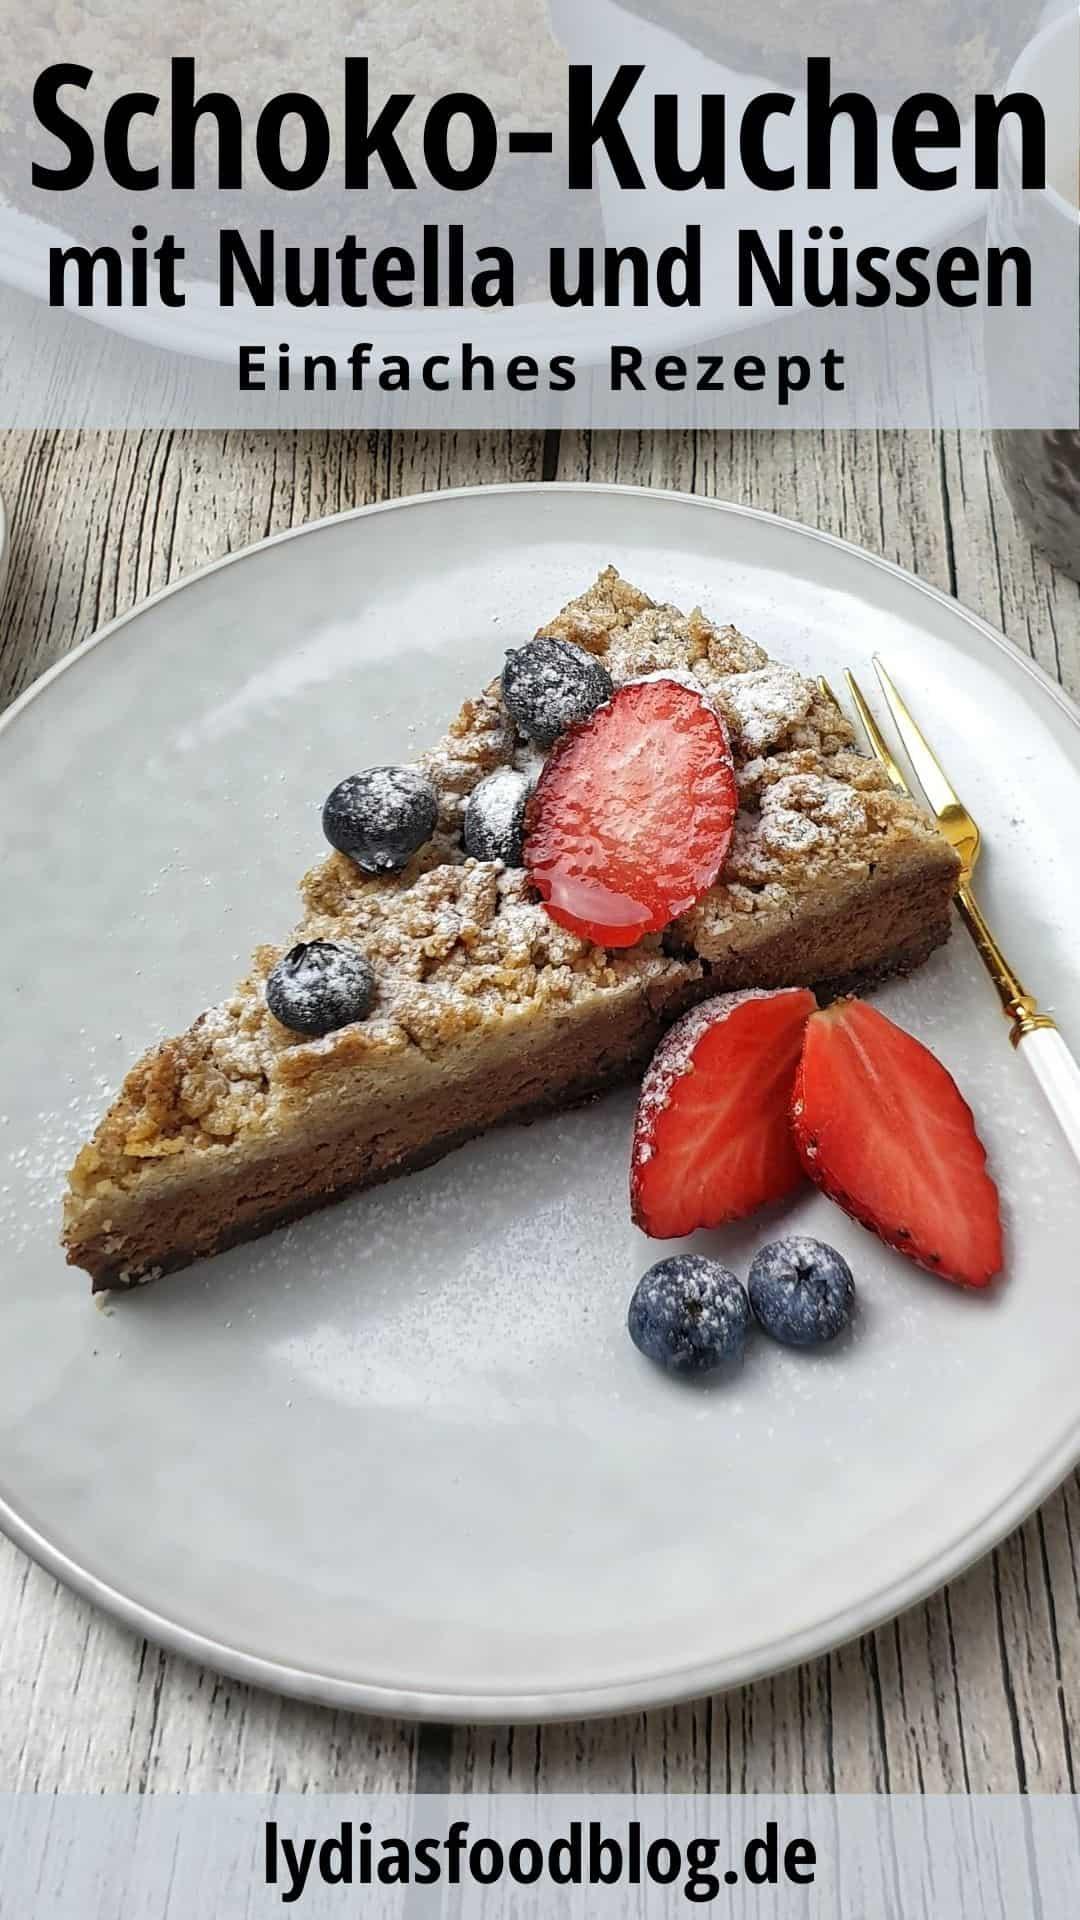 Ein Stück Schoko-Kuchen auf einem hellen Teller mit frischen Beeren garniert.